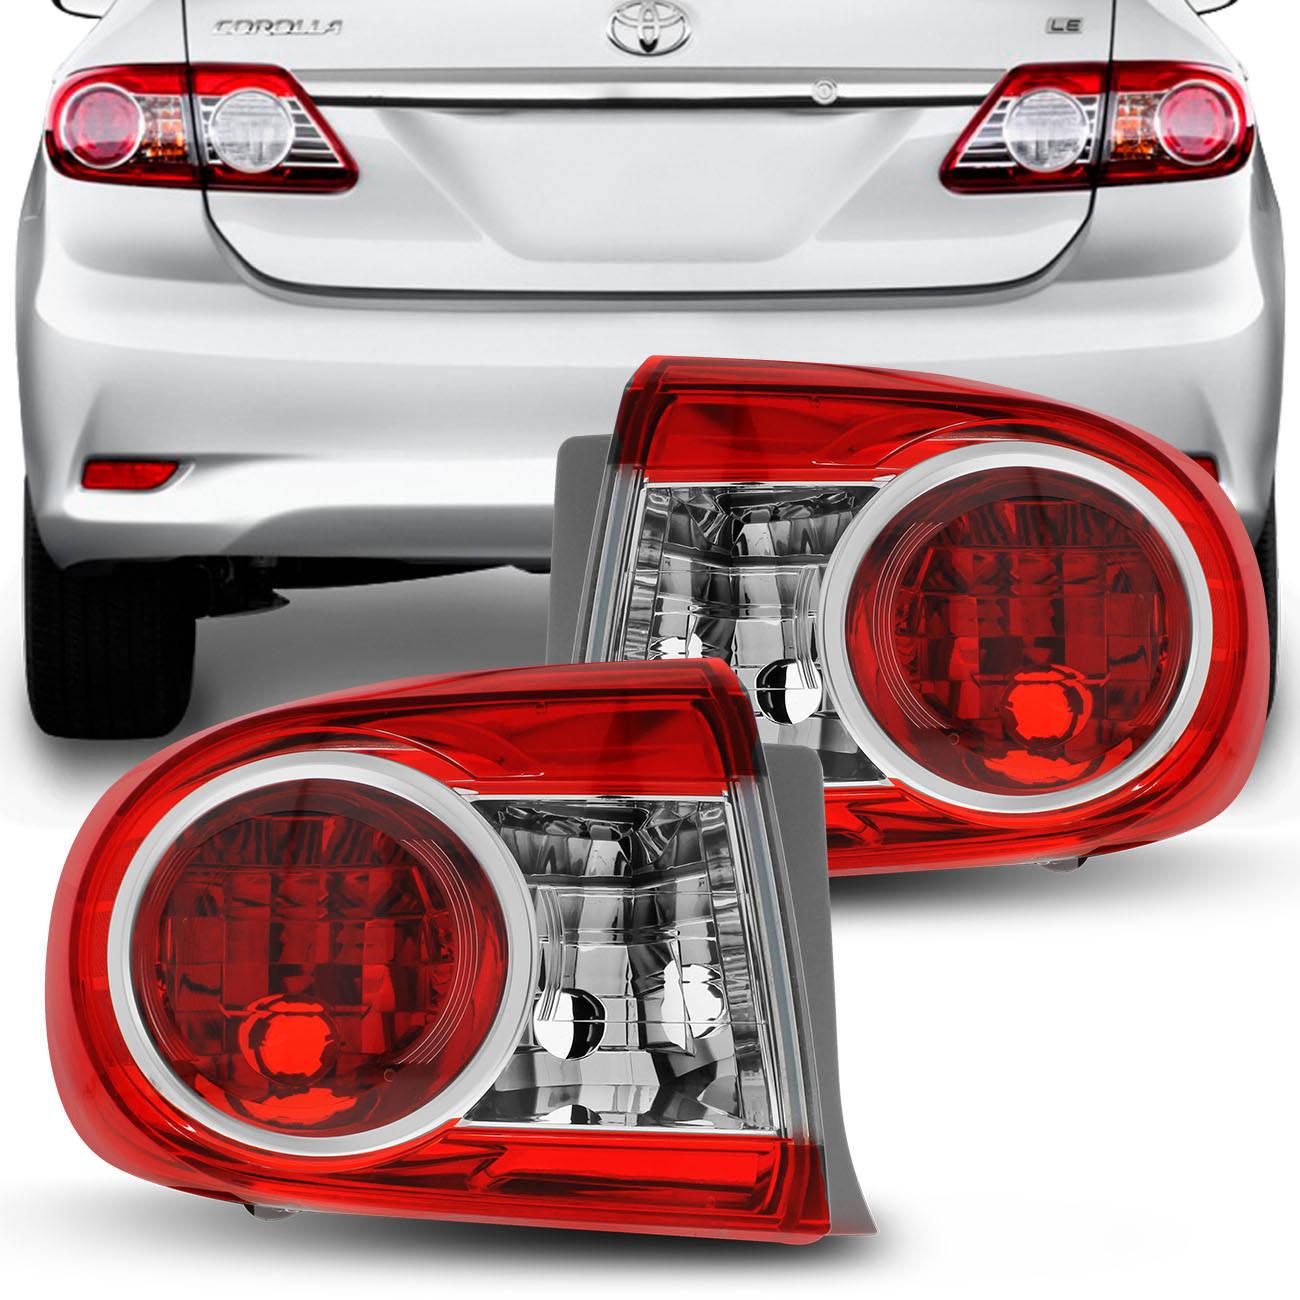 Lanterna Traseira Corolla 12 a 14 Bicolor Pisca Cristal Sem LED Lado Direito Passageiro